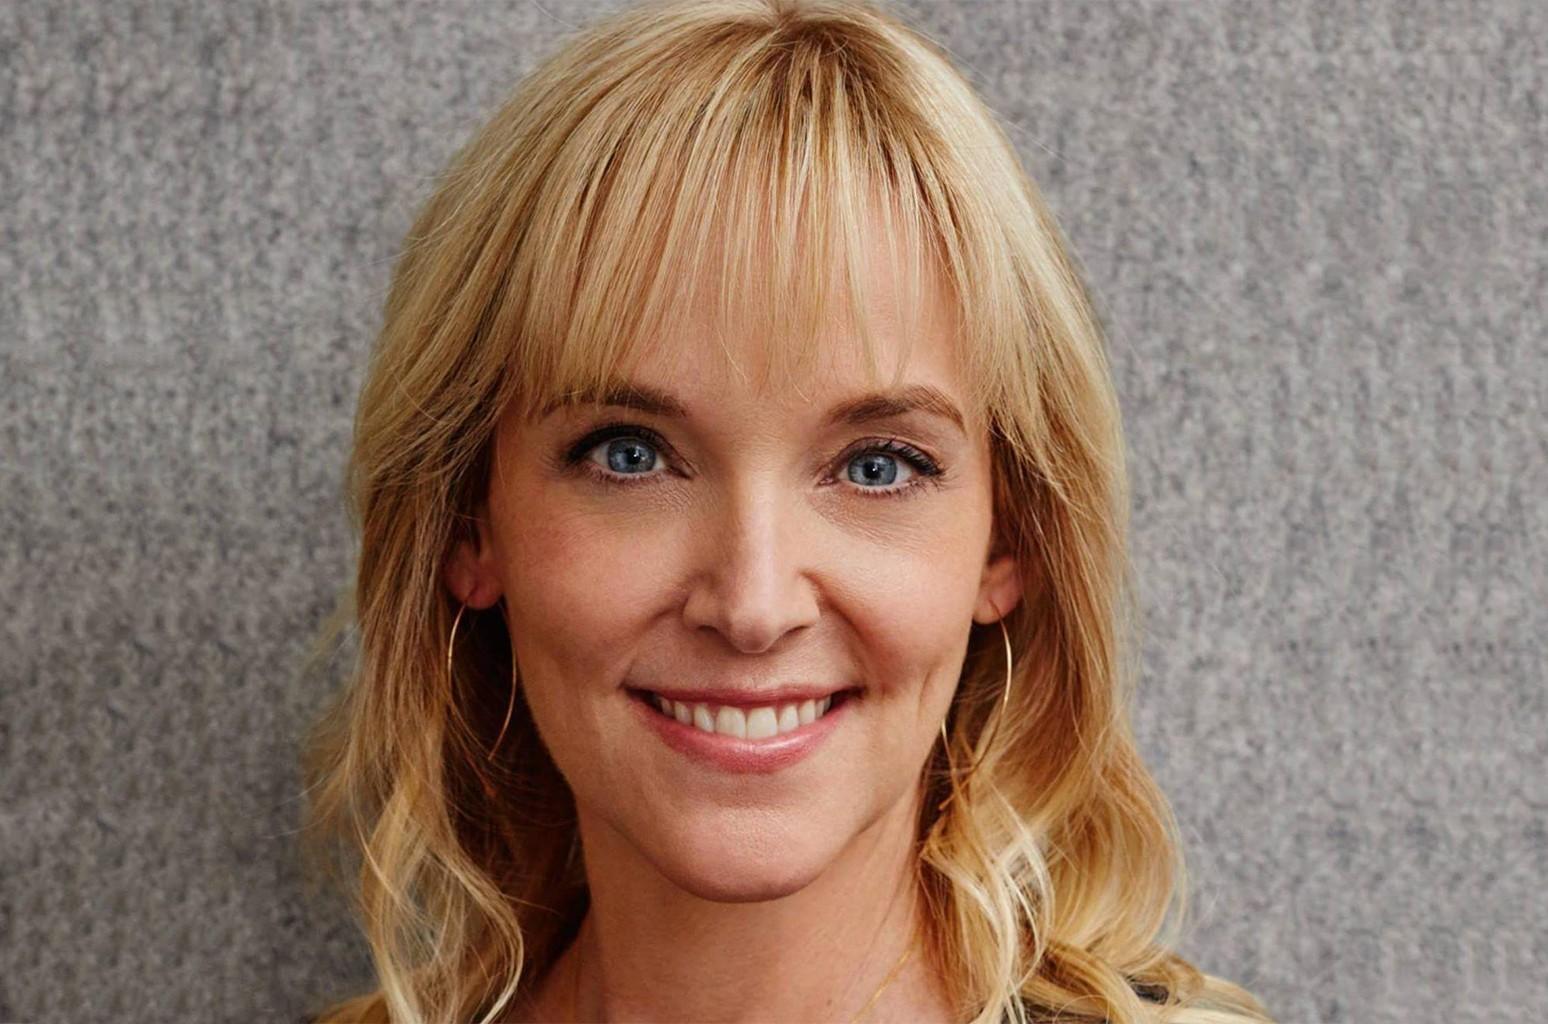 Kristina Salen